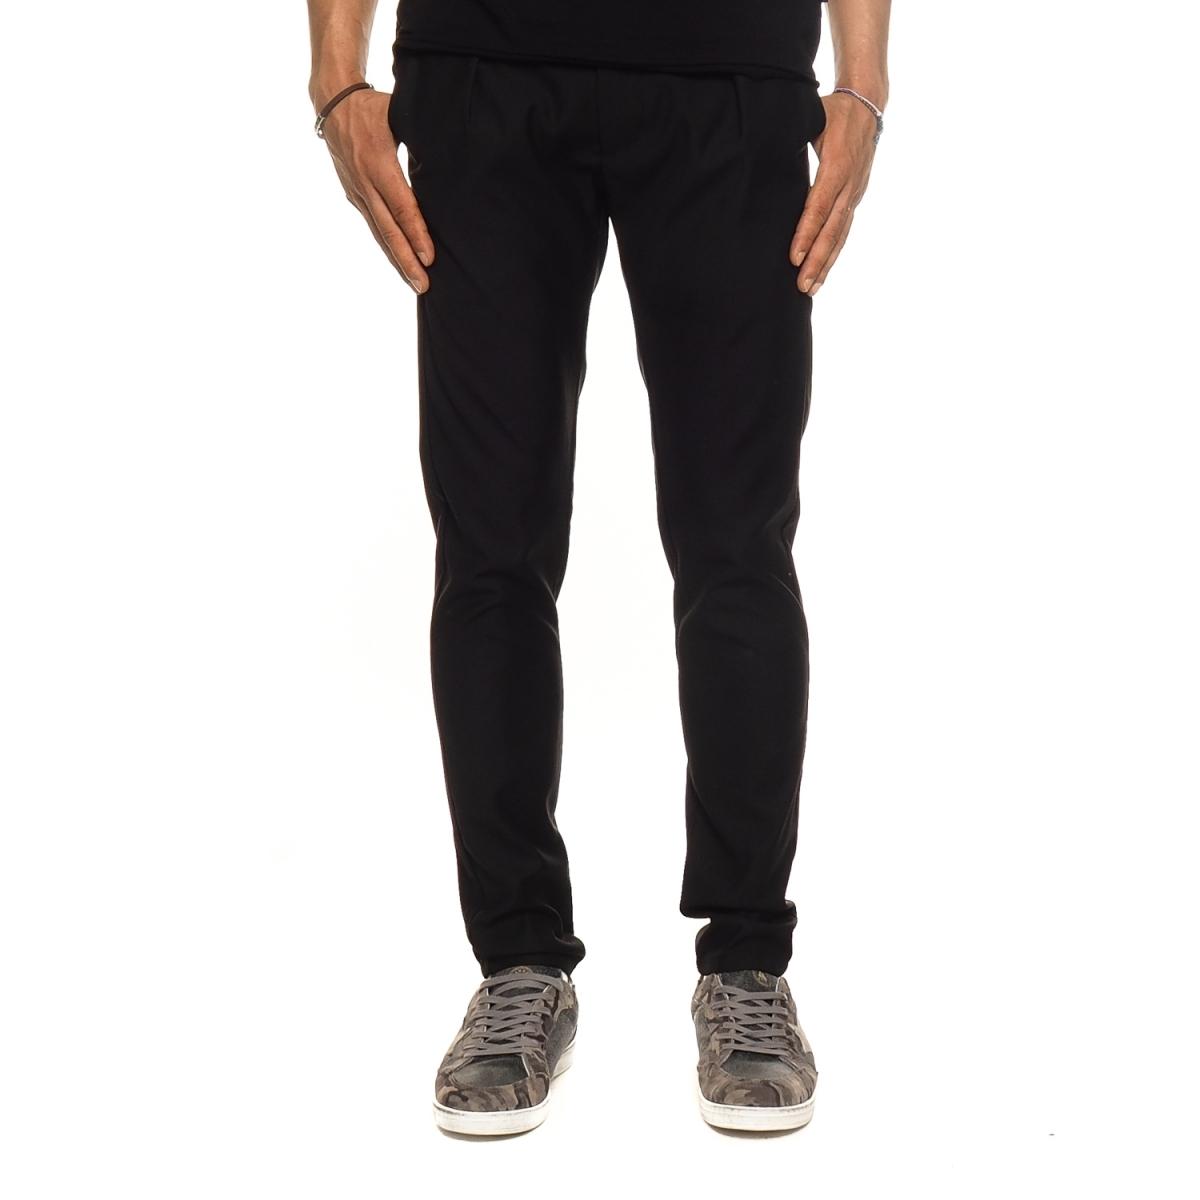 abbigliamento Pantaloni OUTLET uomo Pantalone LP1737 LANDEK PARK Cafedelmar Shop